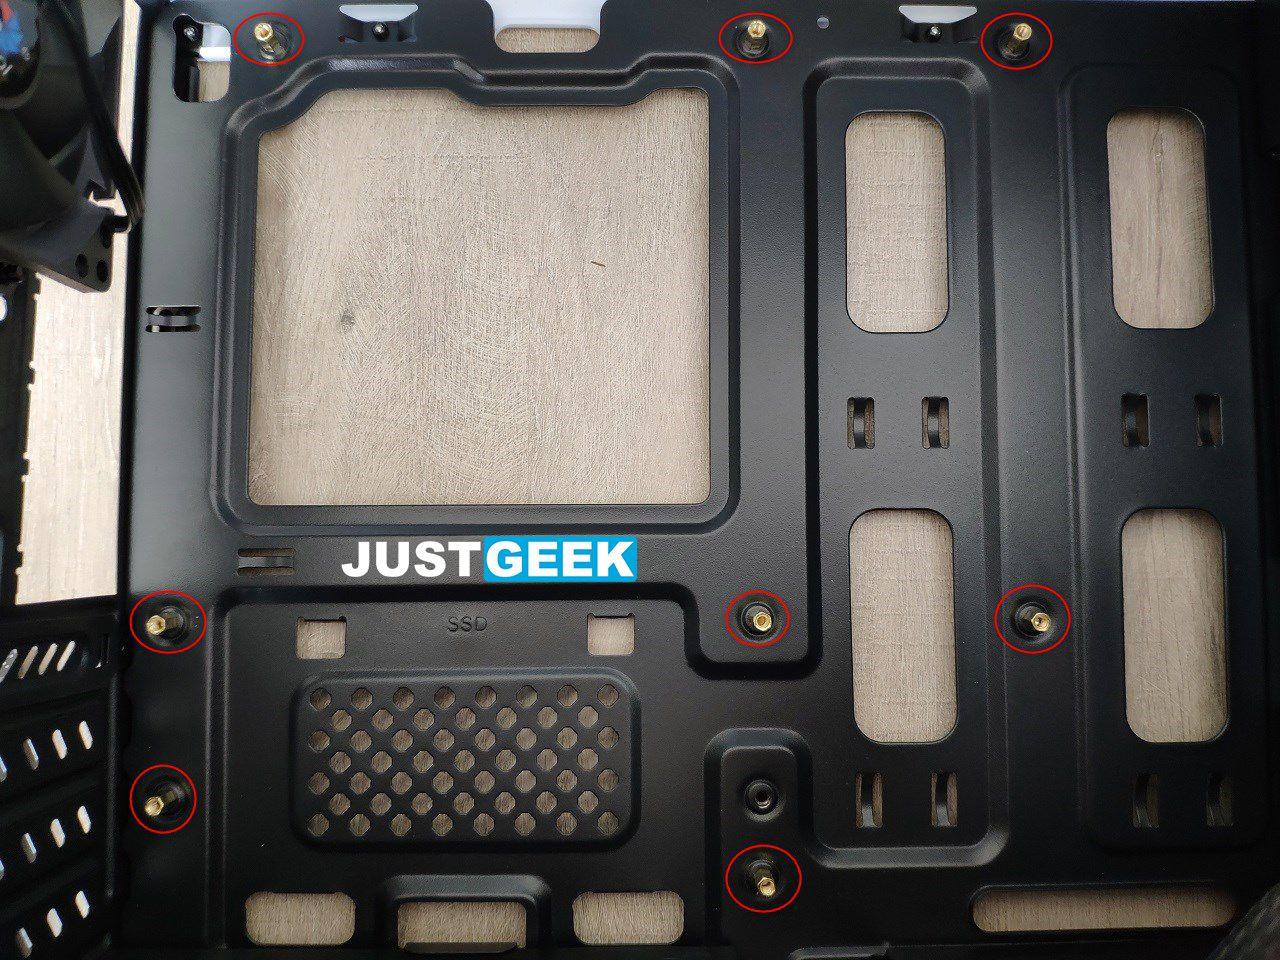 Tutoriel montage PC : Vérifier les entretoises du boîtier PC